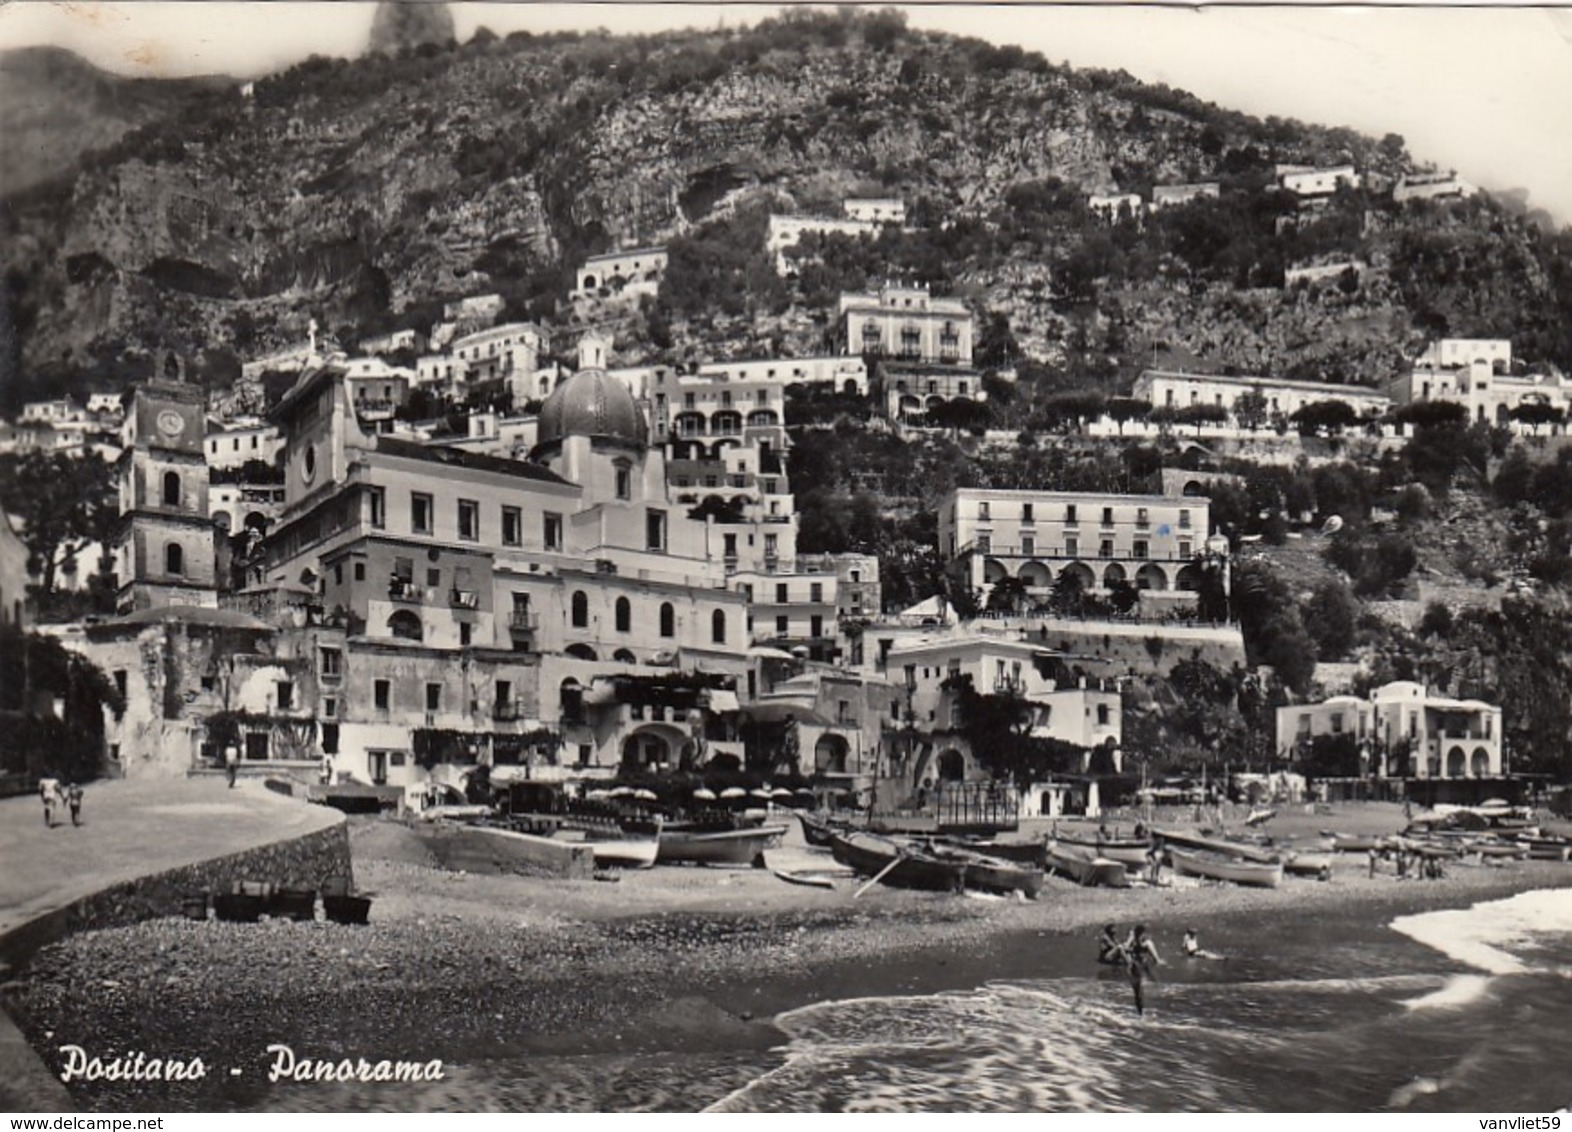 POSITANO-PANORAMA-CARTOLINA VERA FOTOGRAFIA - VIAGGIATA IL 13-7-1953 - Salerno